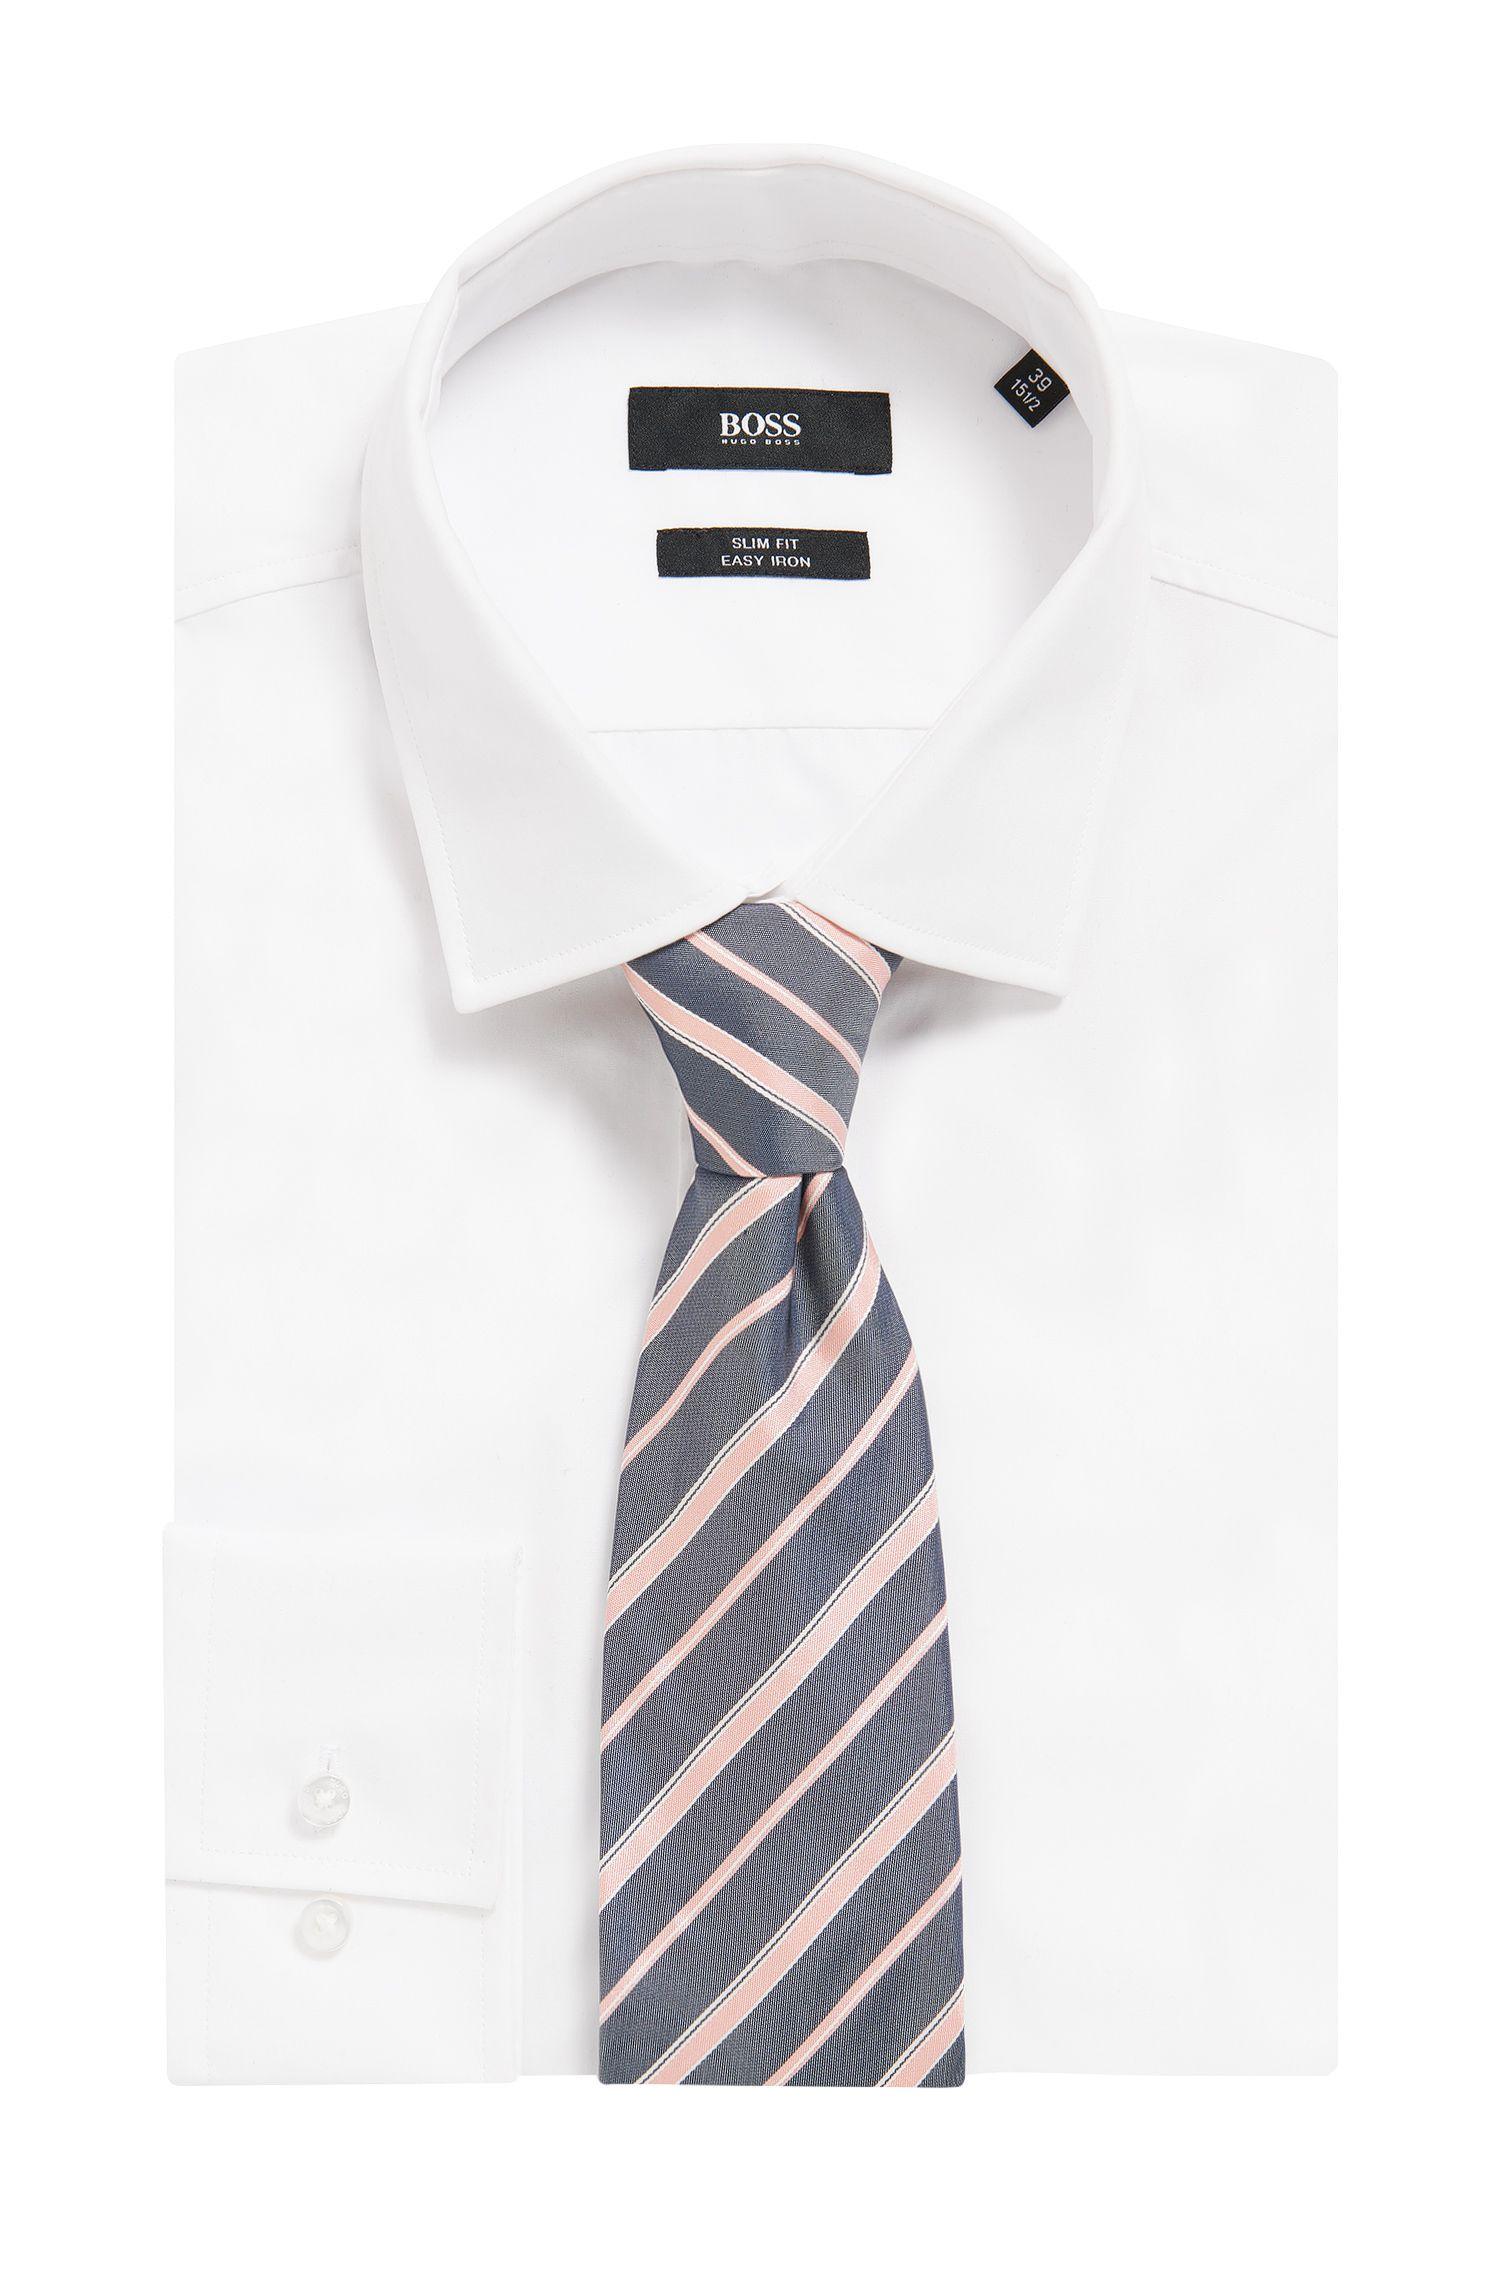 Cravate en jacquard de soie italien à rayures en diagonale